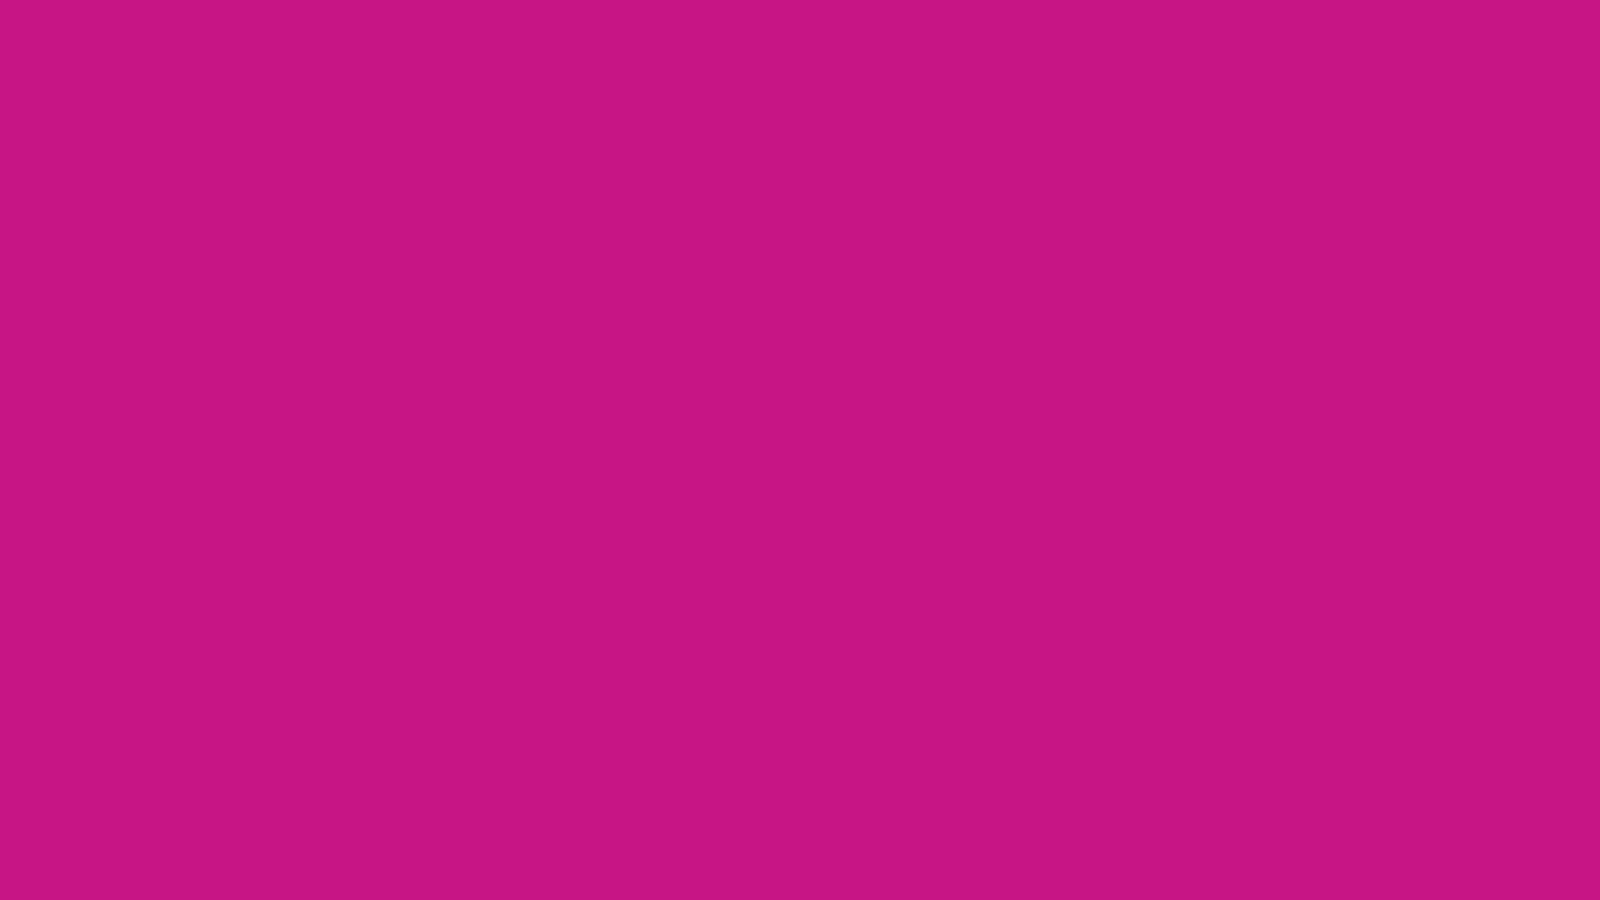 1600x900 Medium Violet-red Solid Color Background